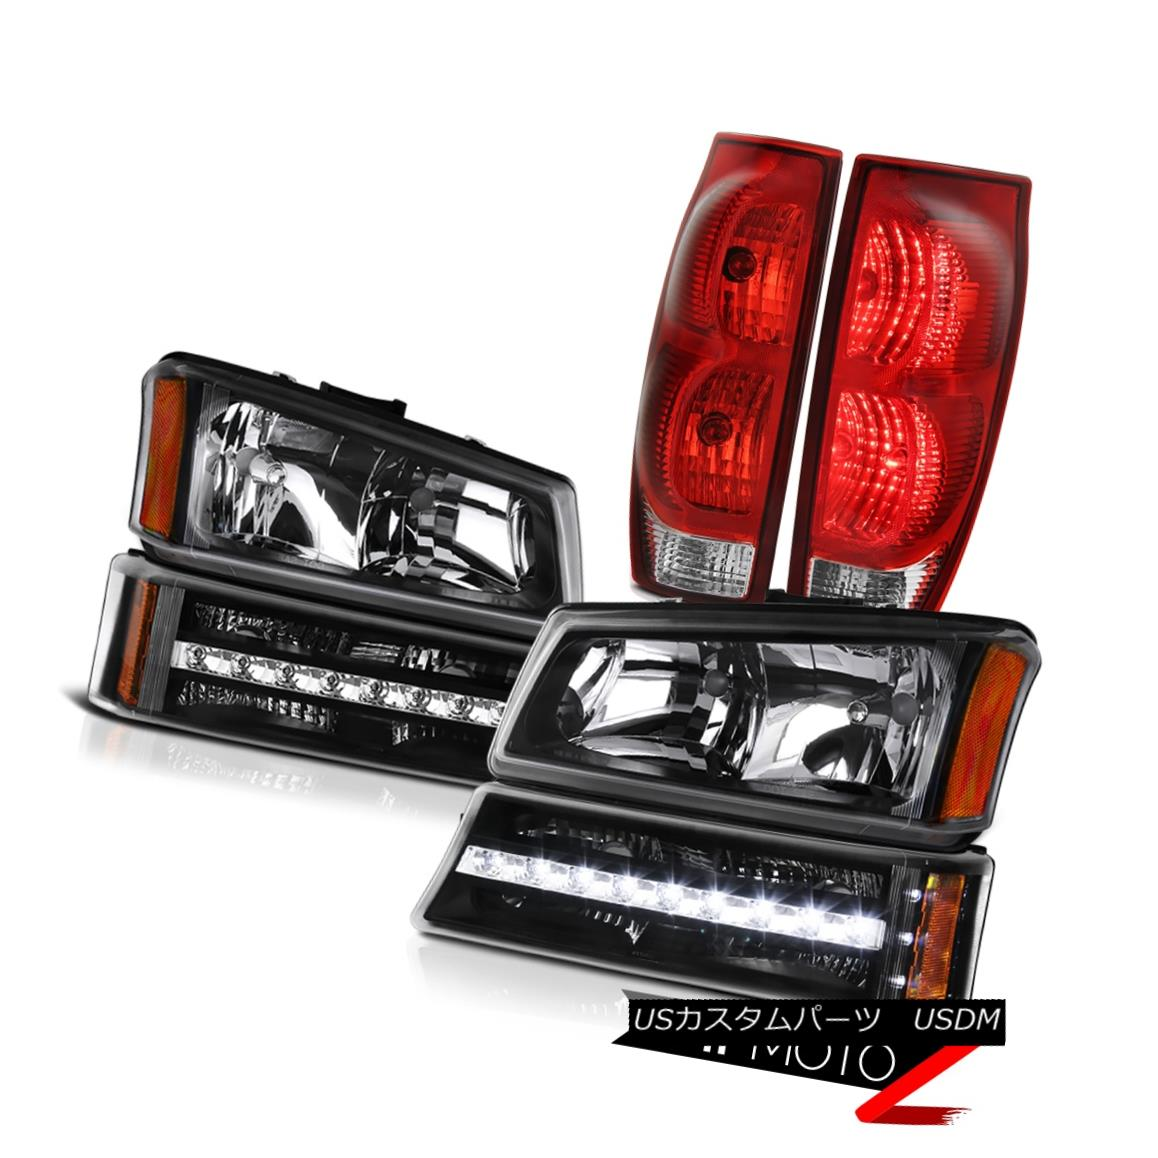 テールライト 2003-2006 Chevy Avalanche 1500 Rear Brake Lamps Taillights Turn Signal Headlamps 2003-2006シボレーアバランシェ1500リアブレーキランプテールライトターンシグナルヘッドランプ